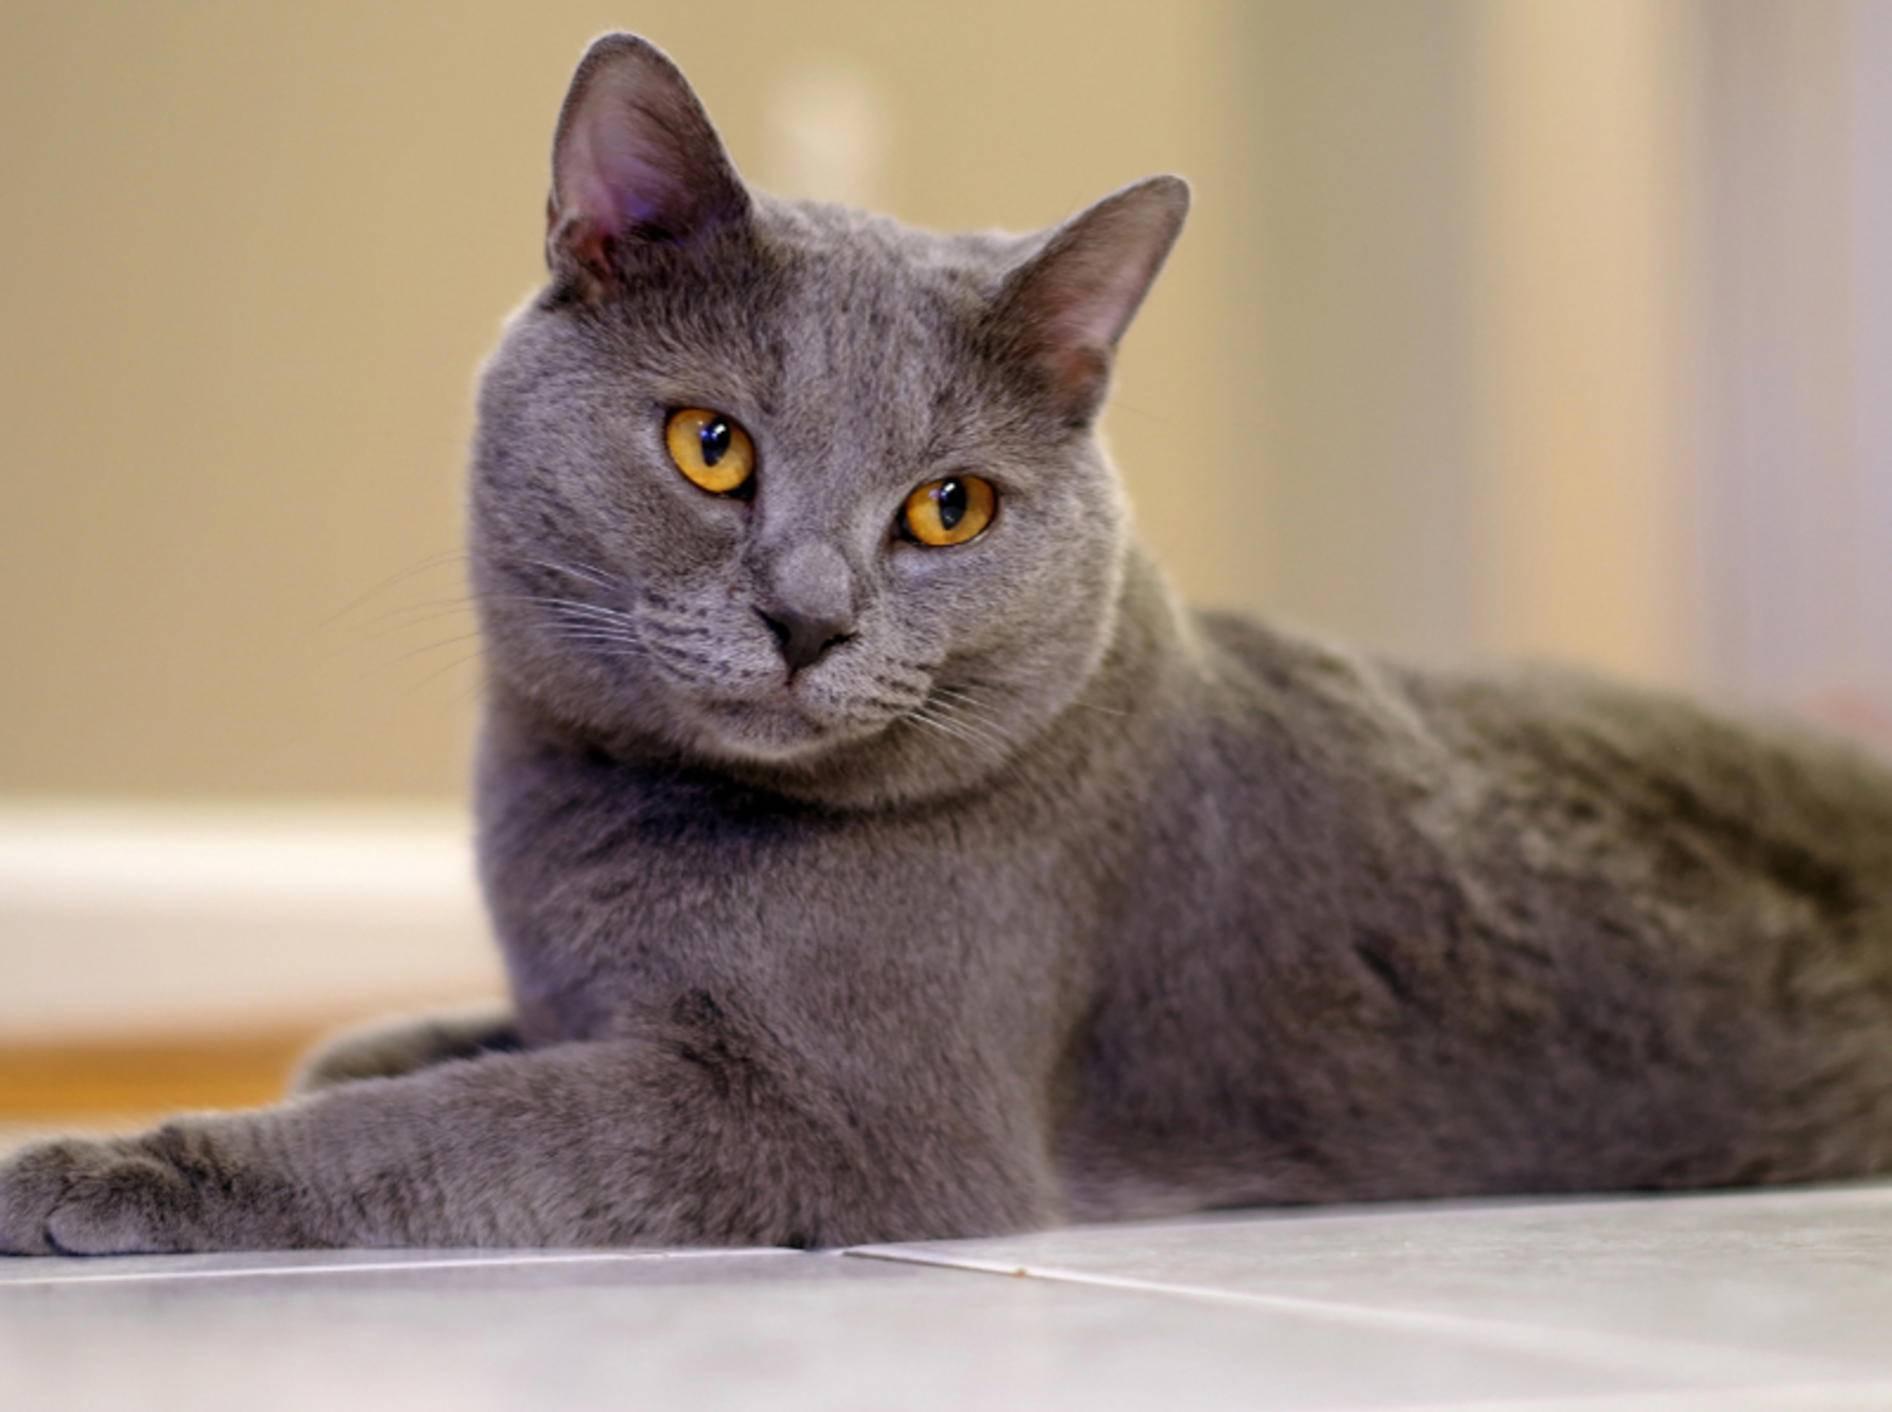 Die Chartreux ist eine besondere Katzenrasse, die Edel und anmutig wirkt – Shuttertsock / Michael Hahn